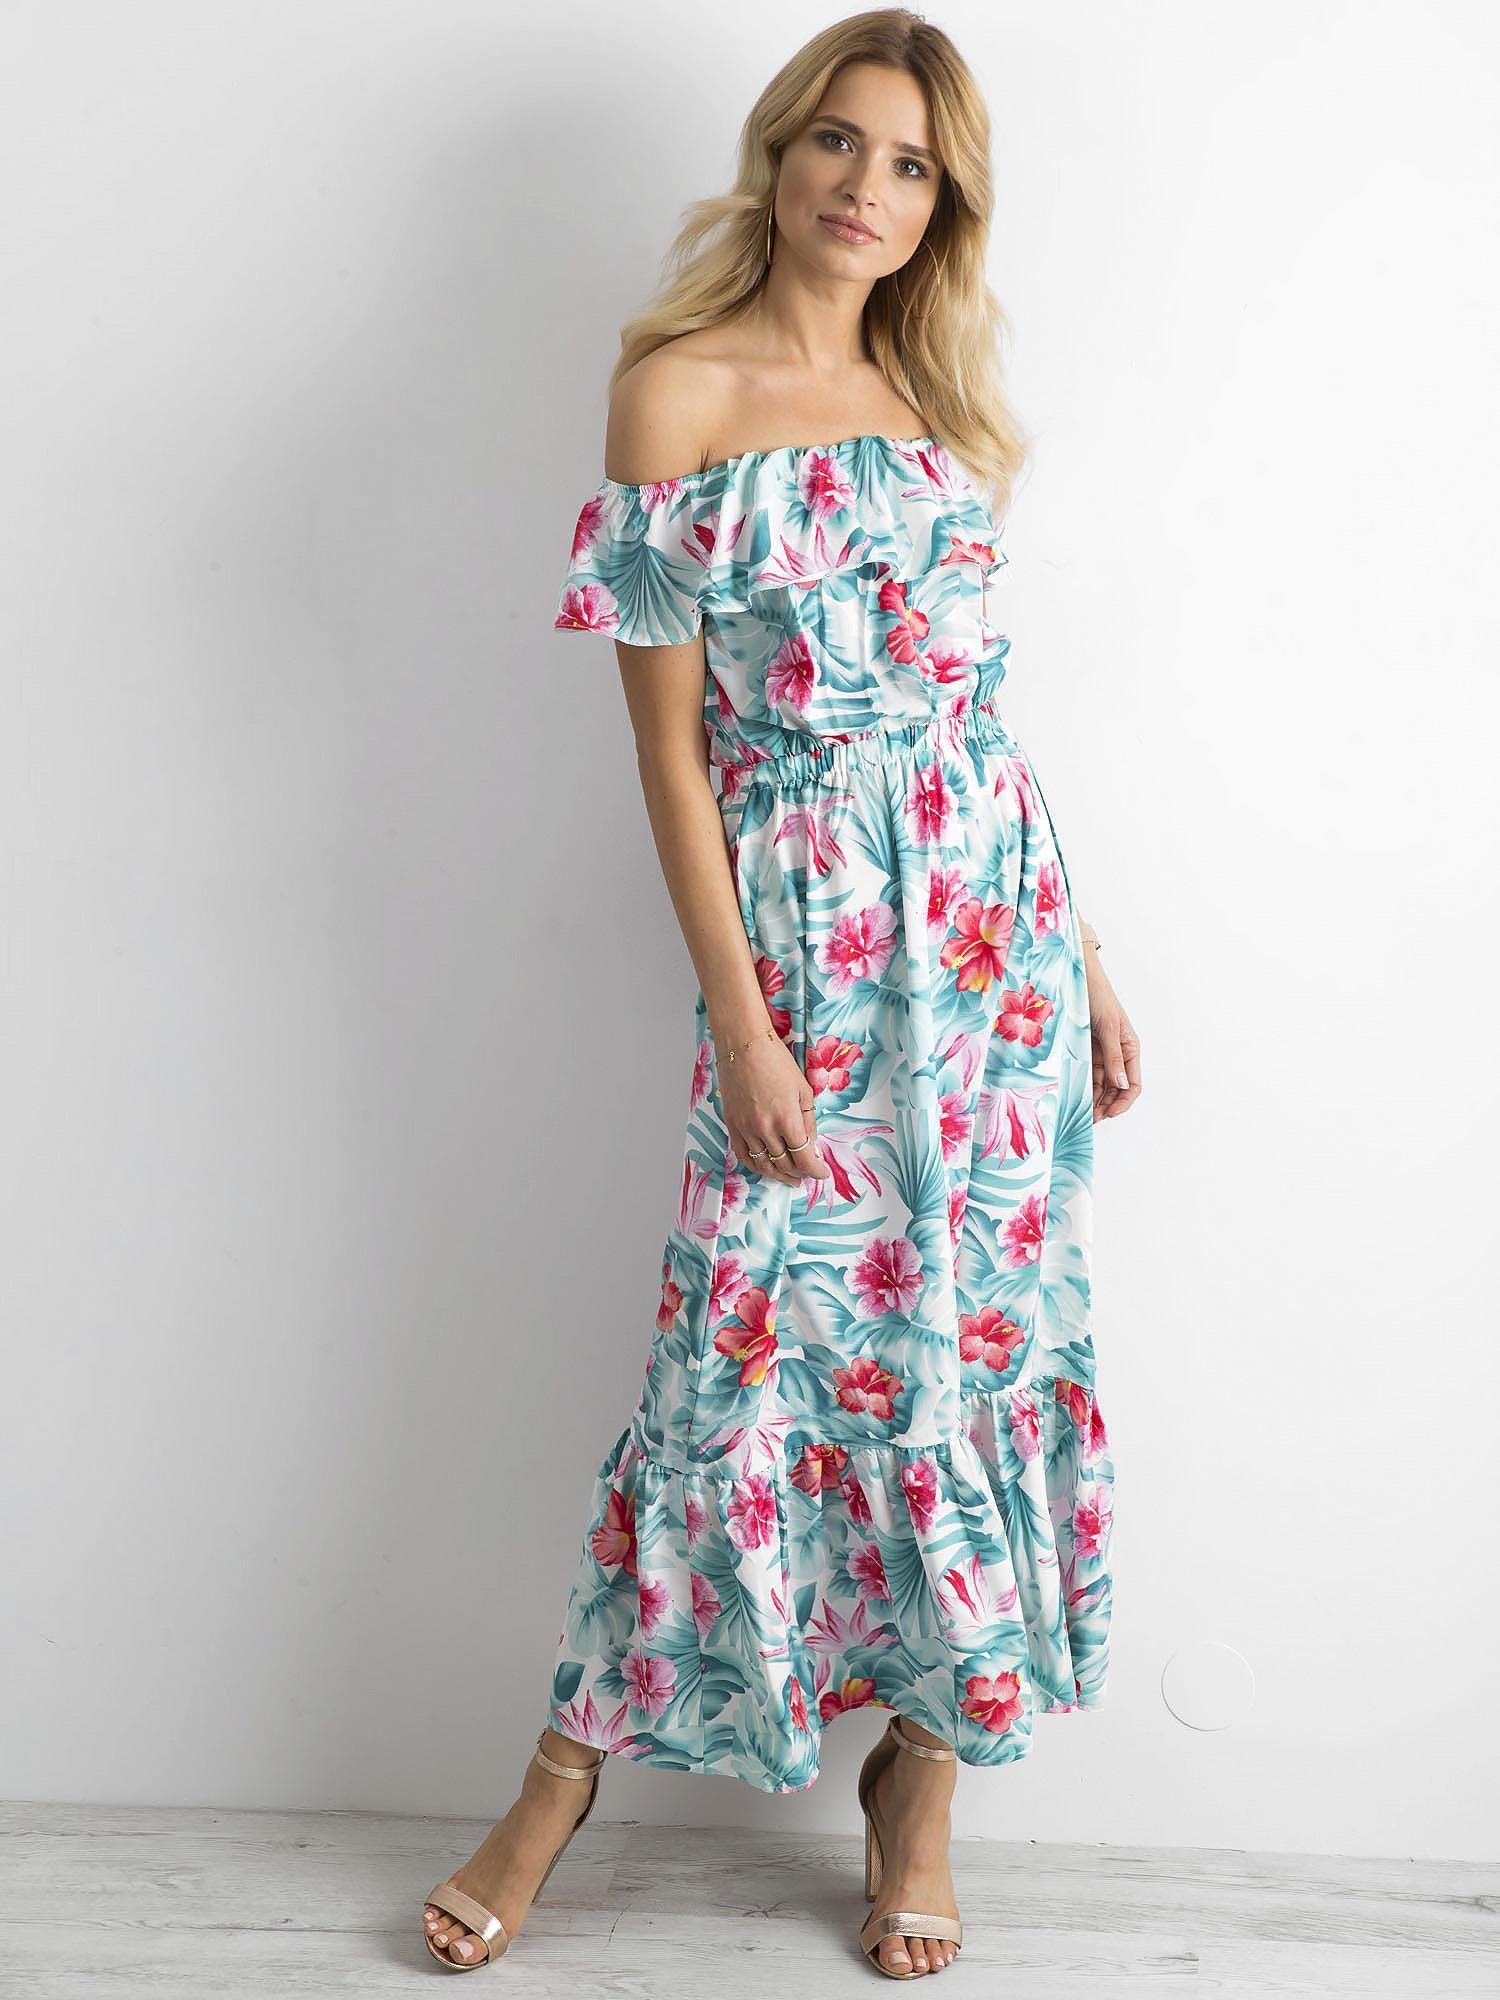 7c27cdf776 Długa sukienka w kwiaty miętowo-różowa - Sukienka hiszpanka - sklep ...